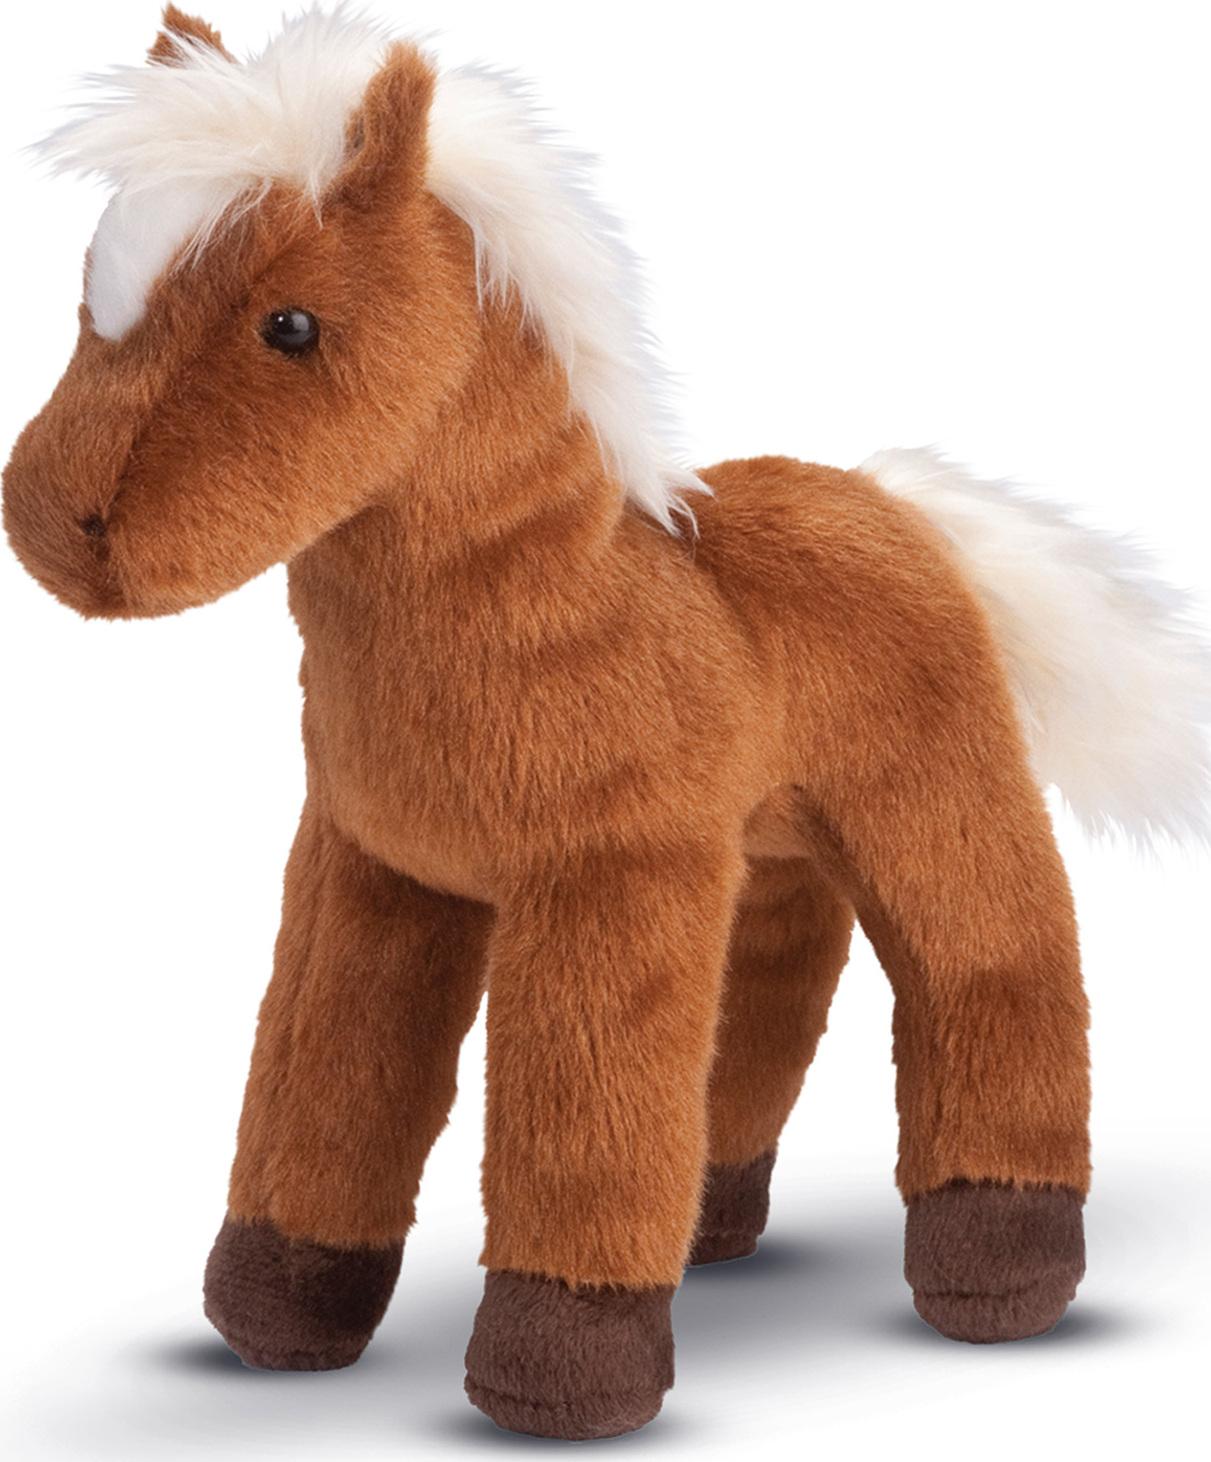 Mr. Brown Chestnut Horse - Stevensons Toys - photo#1